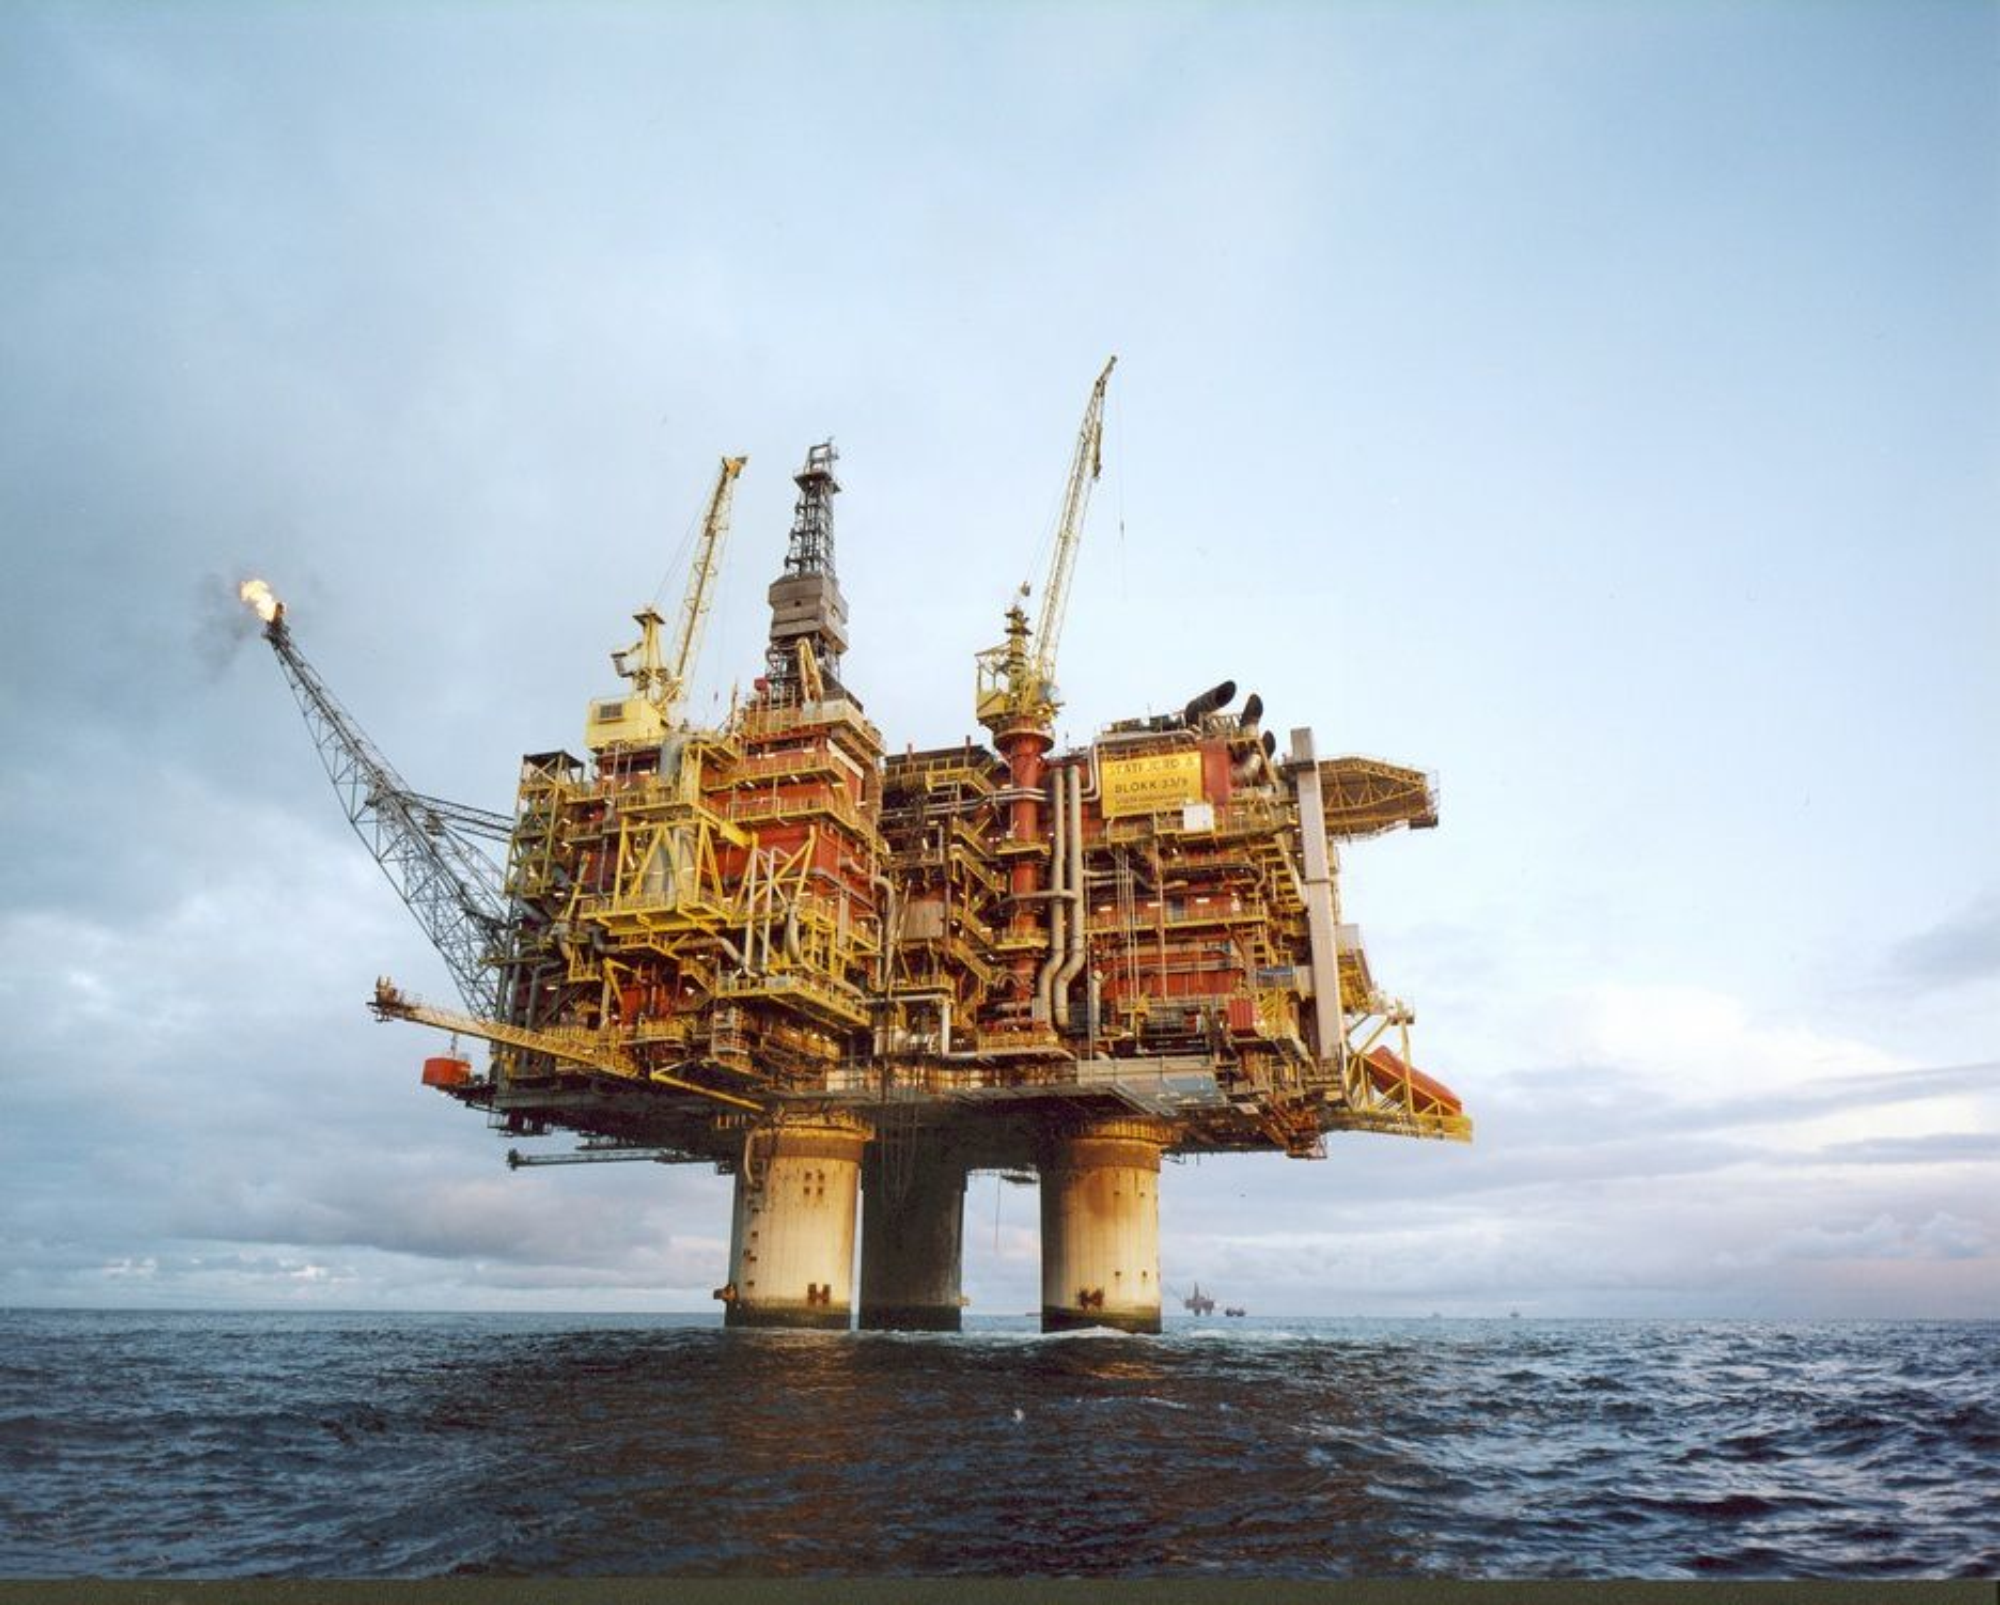 MÅ VEKK: Før eller siden tar oljen slutt og plattformene må vekk. Da er Norse Cutting & Abandonment AS stedet å henvende seg. Siden 1999 har de utviklet seg til å bli den mest komplette spesialleverandøren innen fjerningsoperasjoner i hele verden. Selskapet er i dag involvert i operasjoner i Nordsjøen, Mexicogulfen, Midtøsten, Vest-Afrika og Sør-Øst Asia.